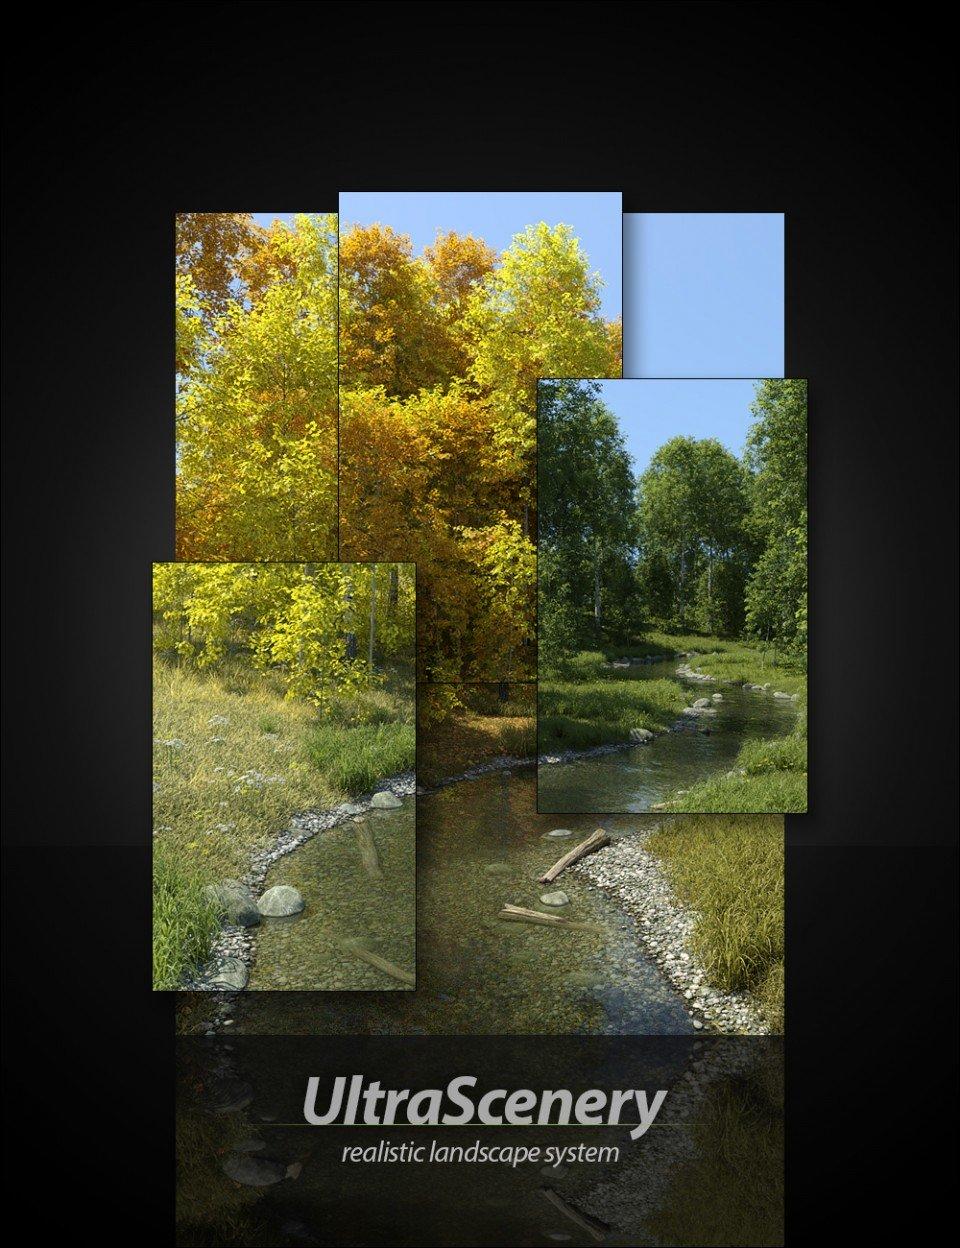 UltraScenery – Realistic Landscape System_DAZ3D下载站